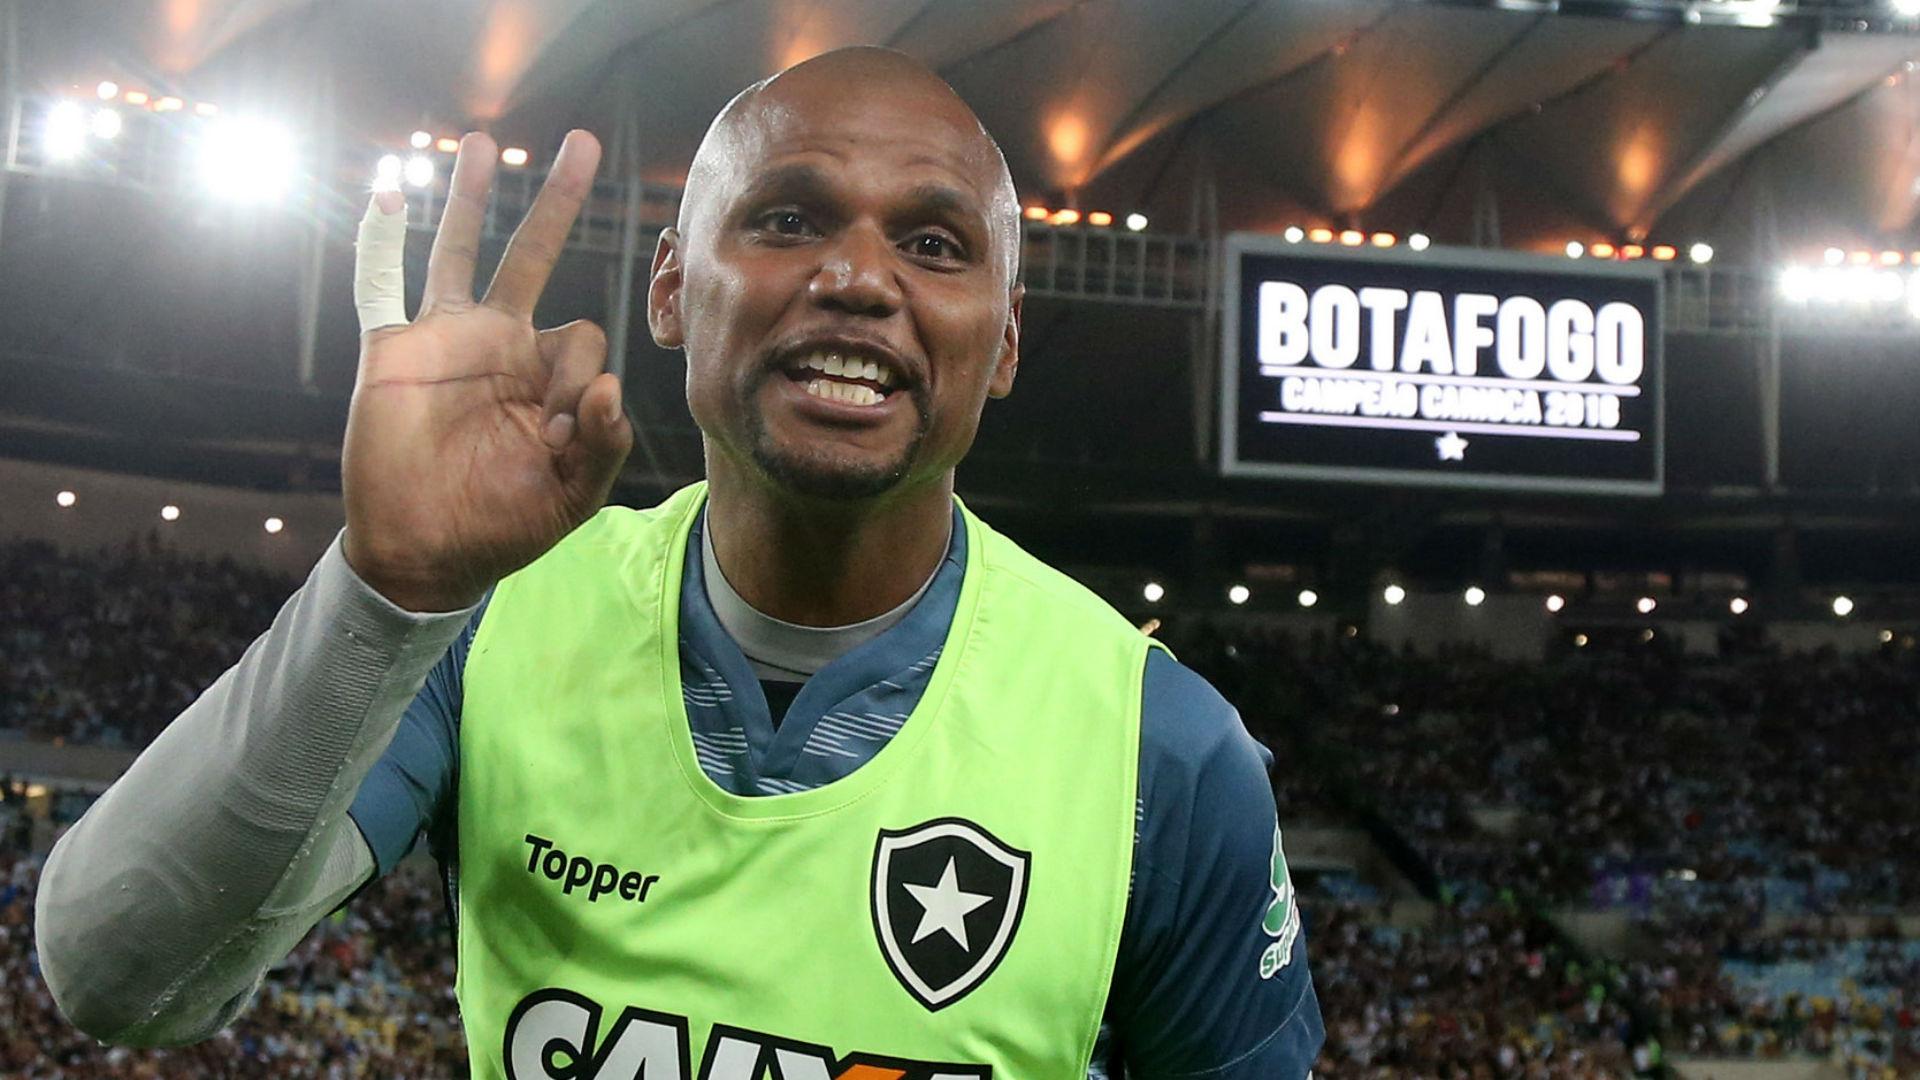 Jefferson Botafogo Carioca 09 04 2018